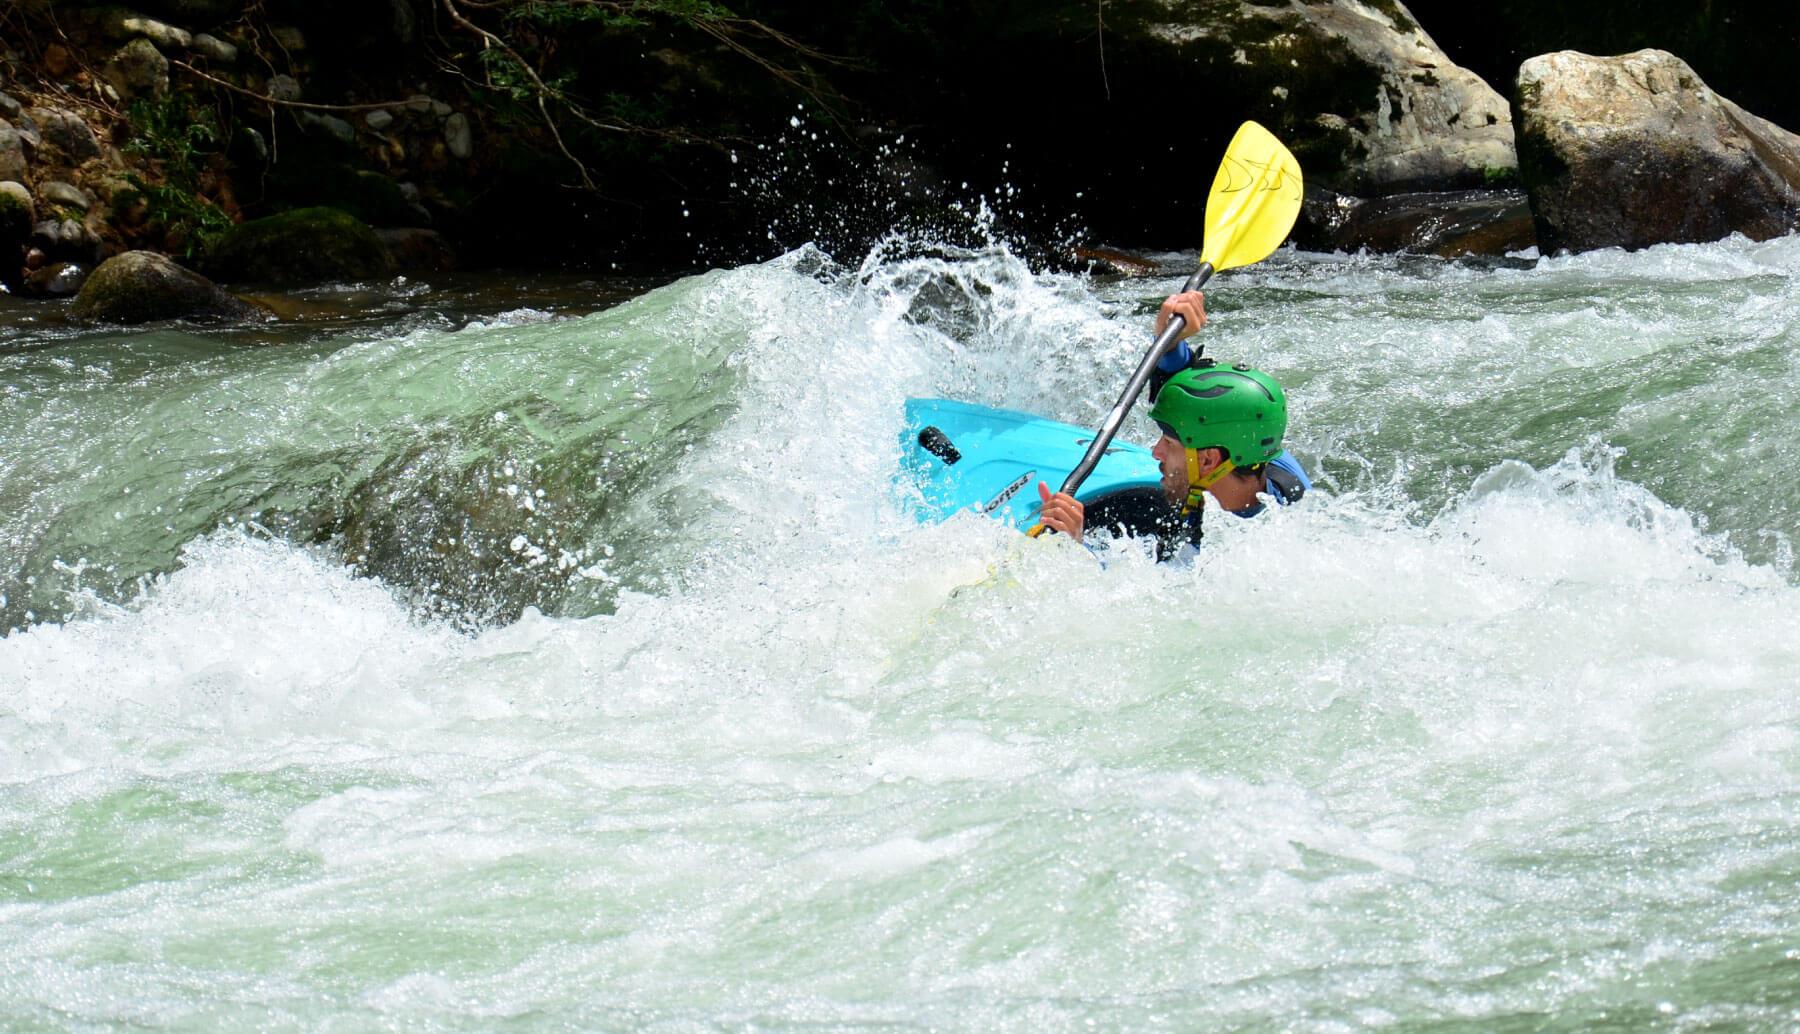 Whitewater kayak ecuador | Kayak guided tour South america